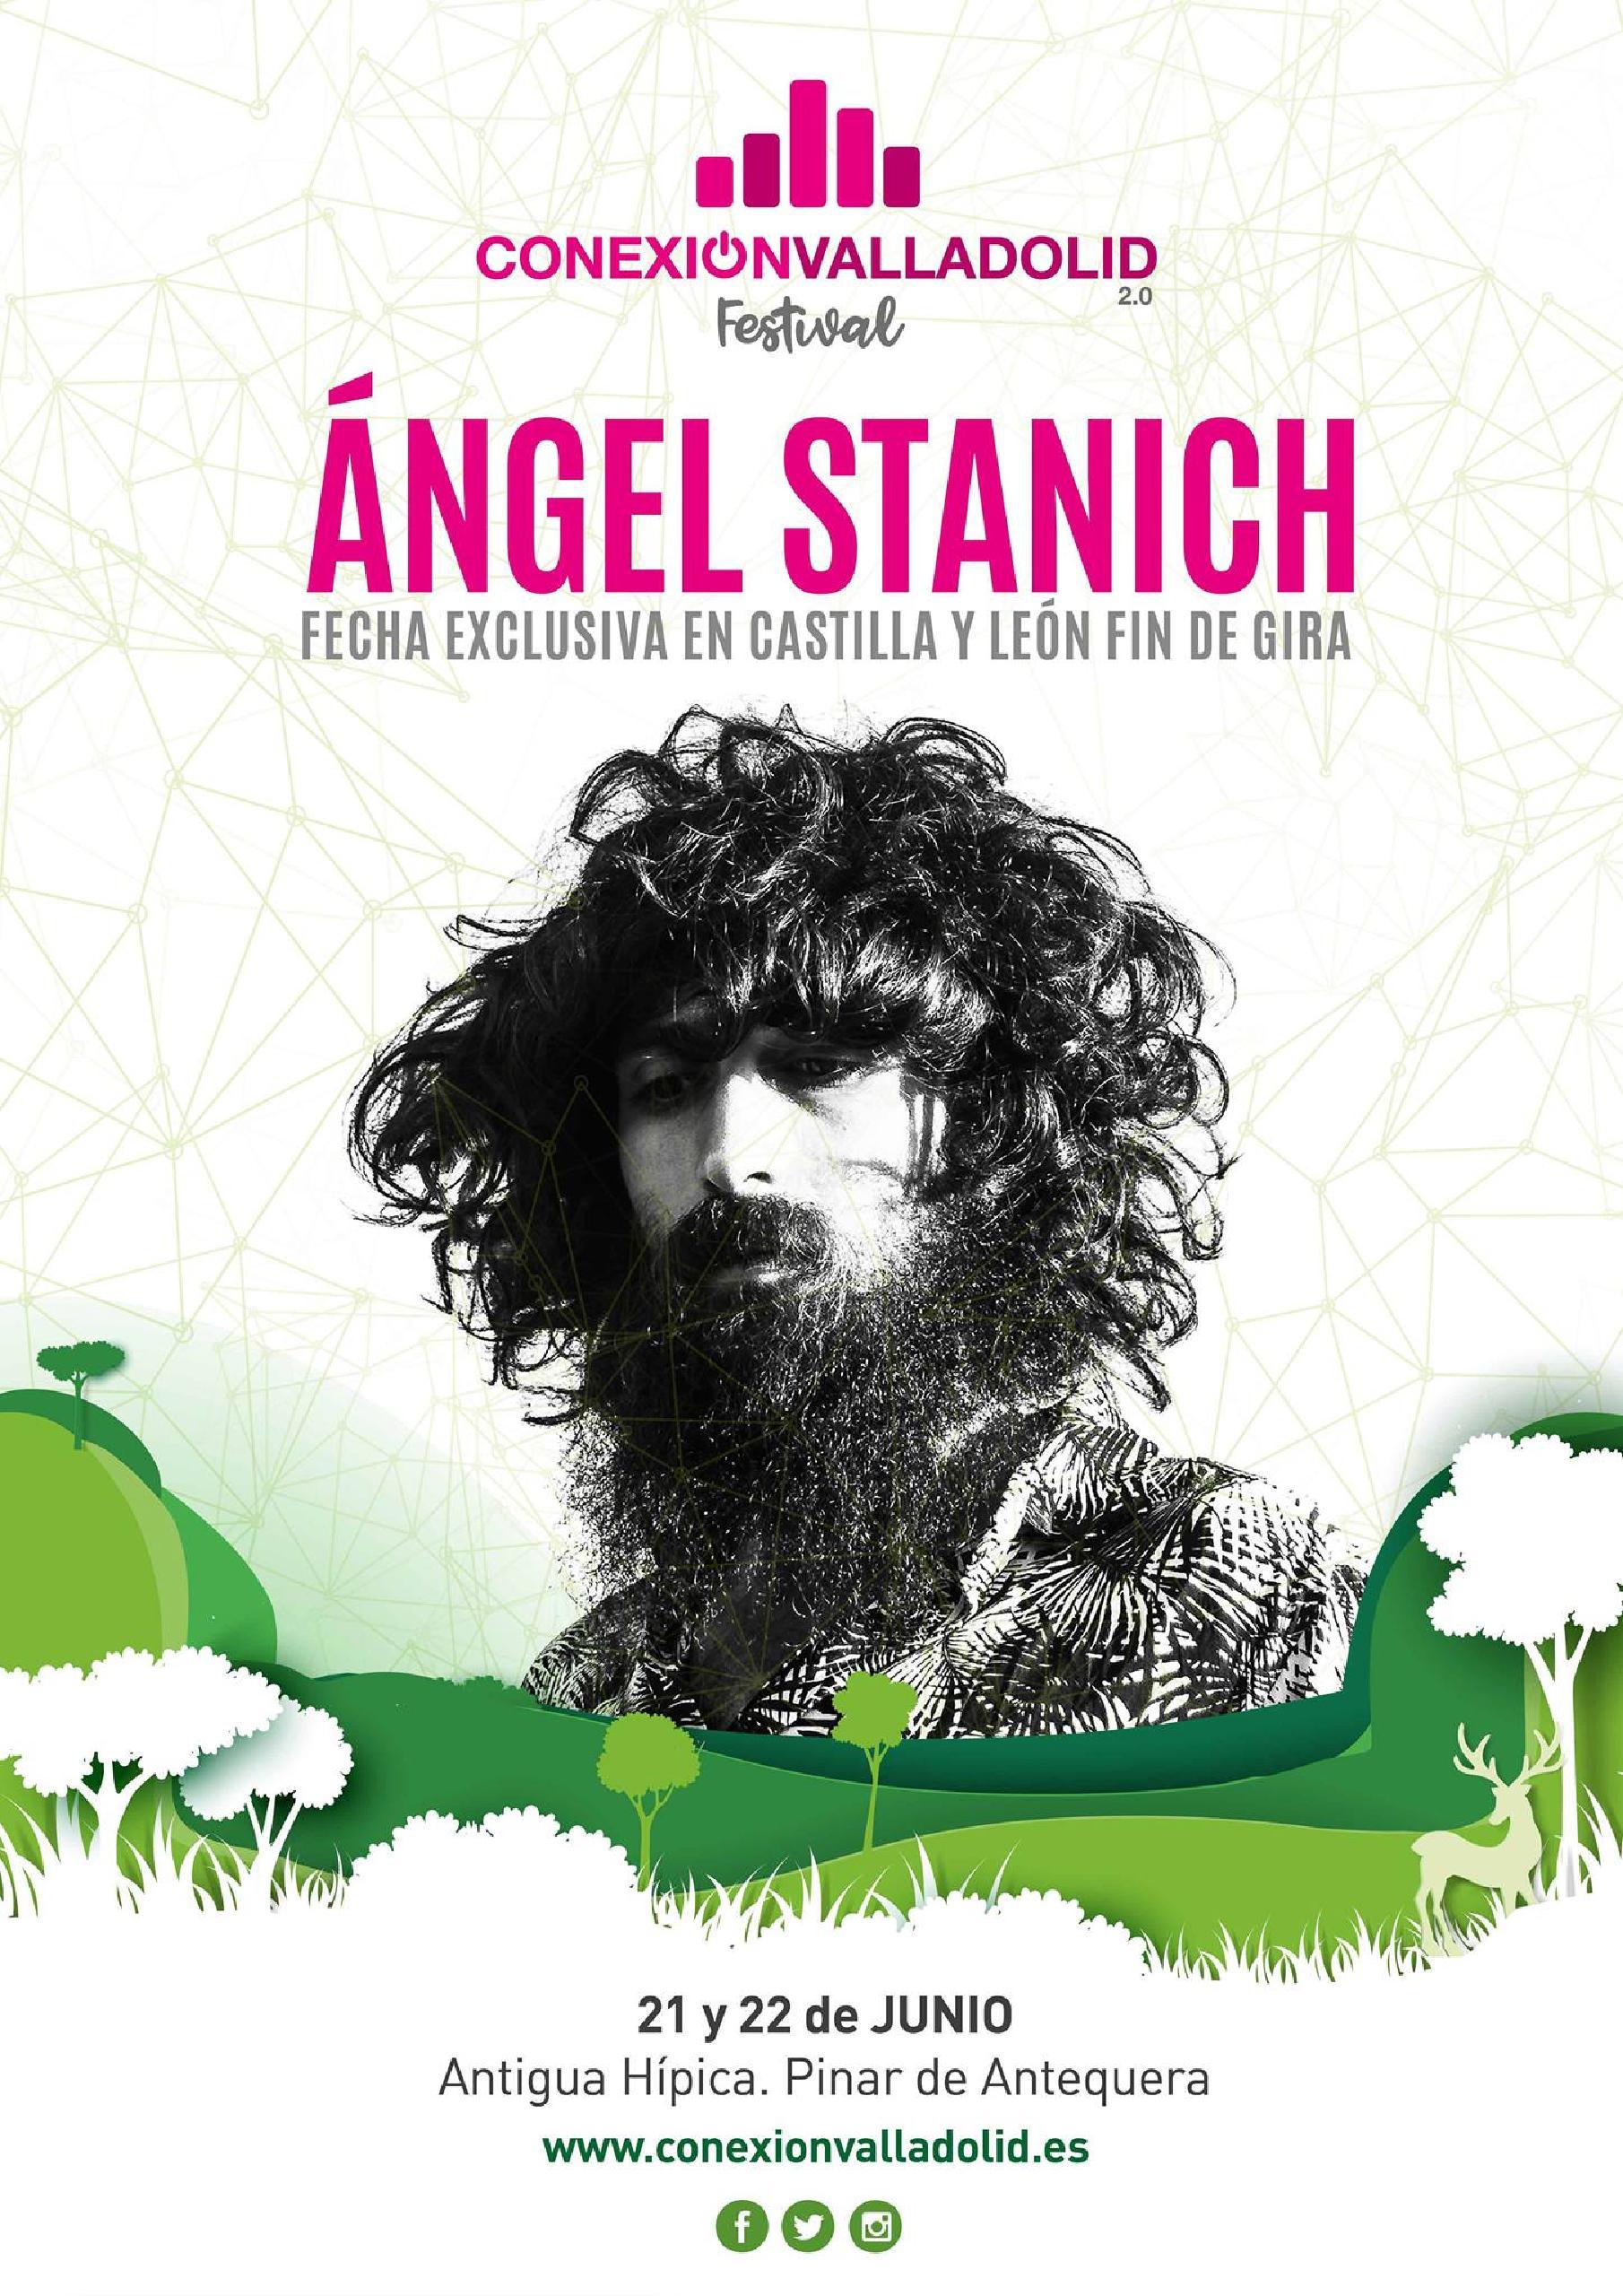 Angel Stanich confirmación Conexión Valladolid 2019